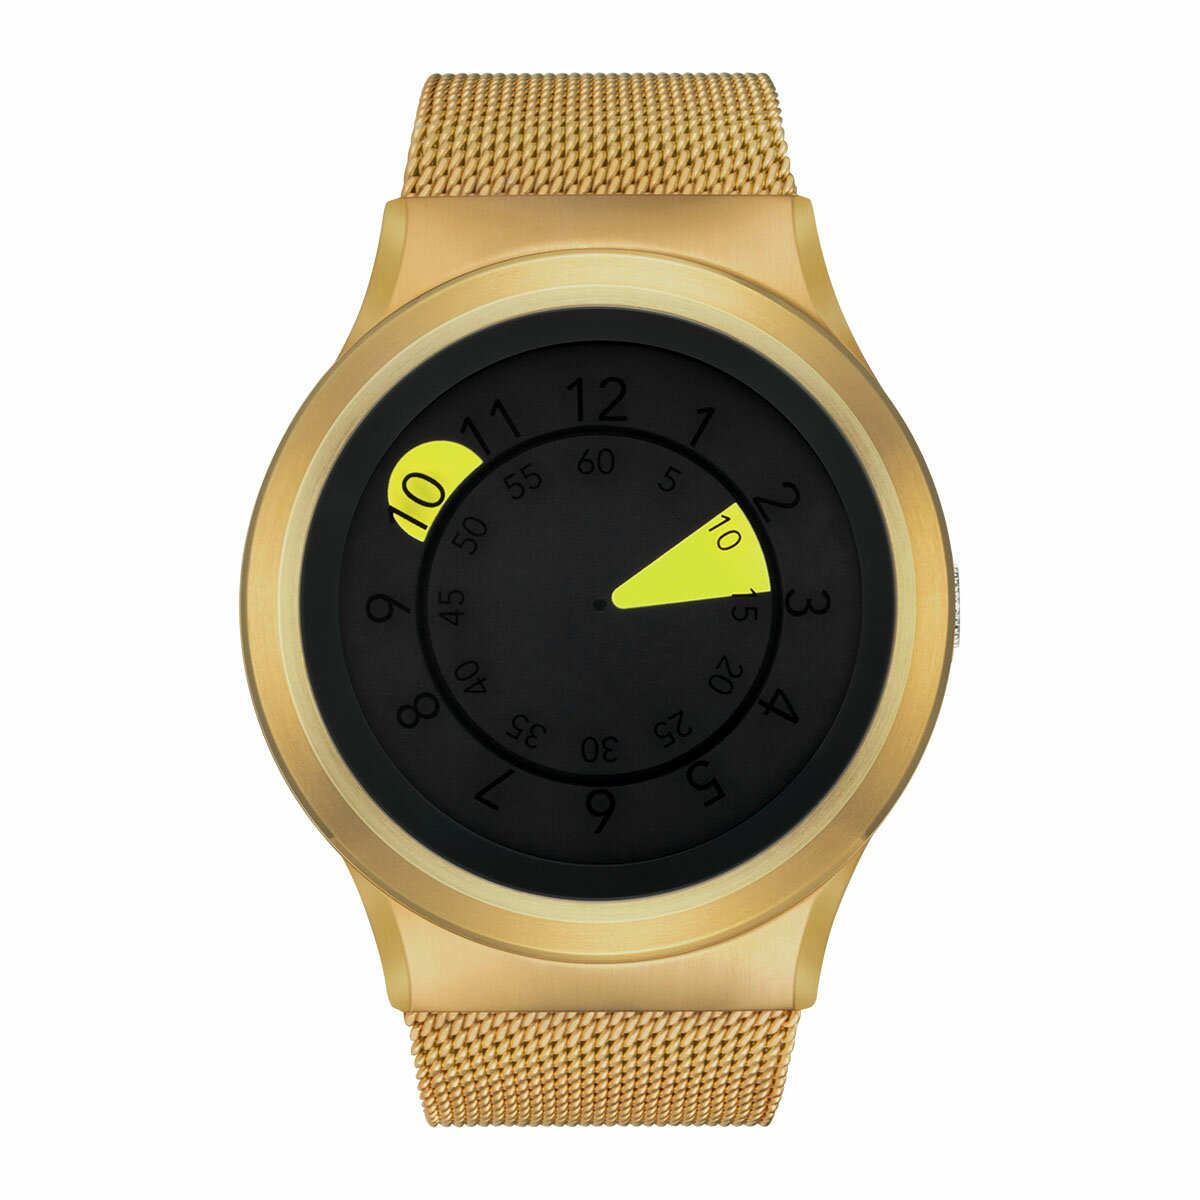 ZEROO AQUA DROP ゼロ 電池式クォーツ 腕時計 [W10040B04SM04] イエロー デザインウォッチ ペア用 メンズ レディース ユニセックス おしゃれ時計 デザイナーズ